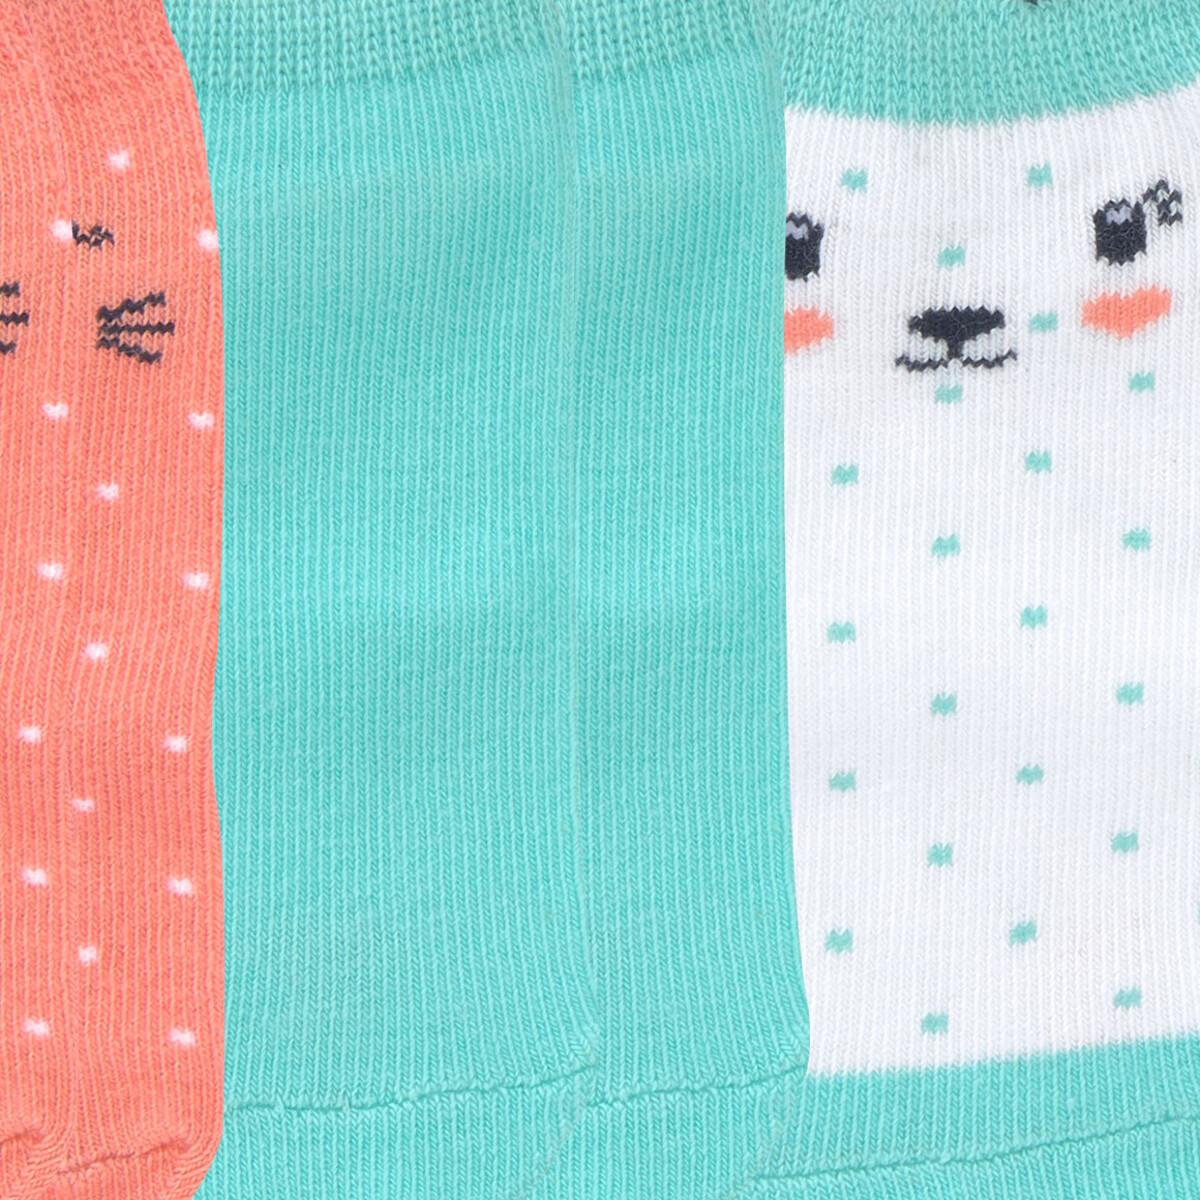 Bild 3 von 5 Paar Baby Sneaker-Socken im Set